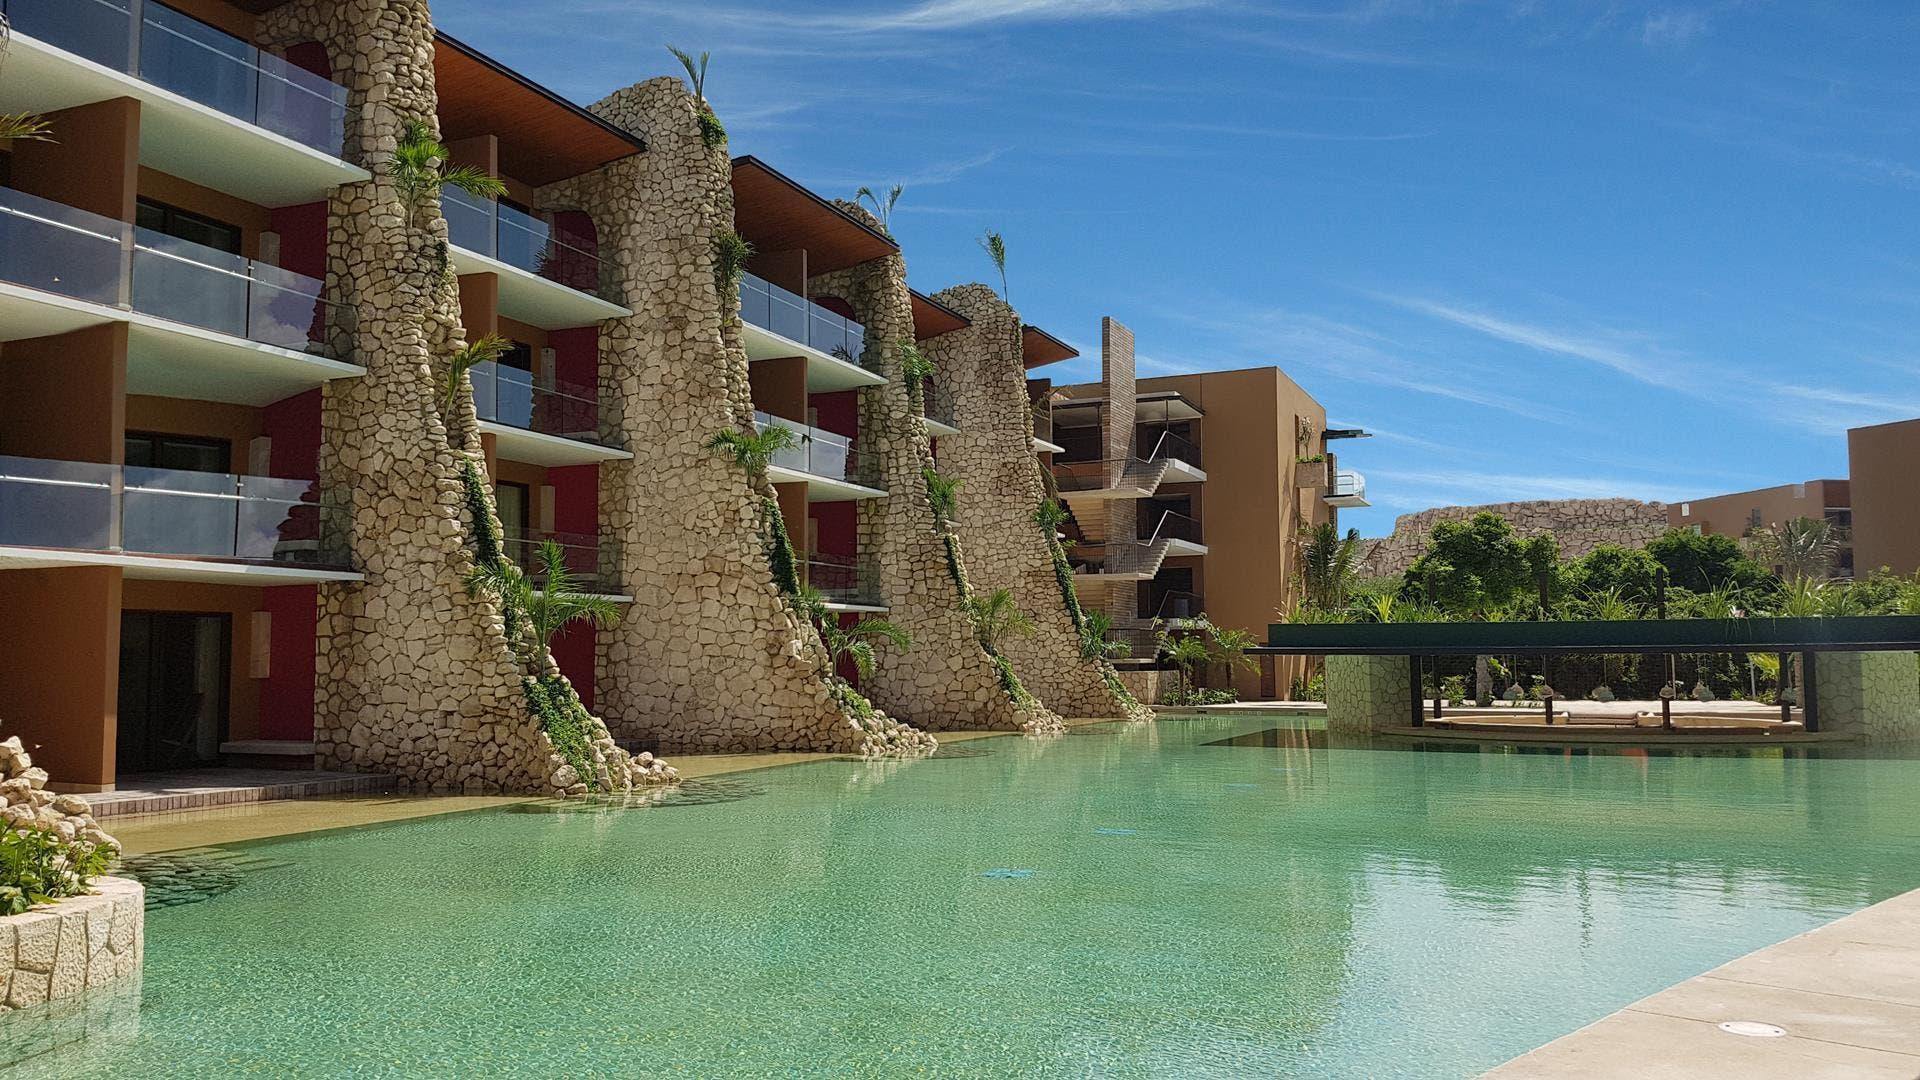 Grupo Xcaret abrirá nuevo Parque temático y Hotel en Yucatán